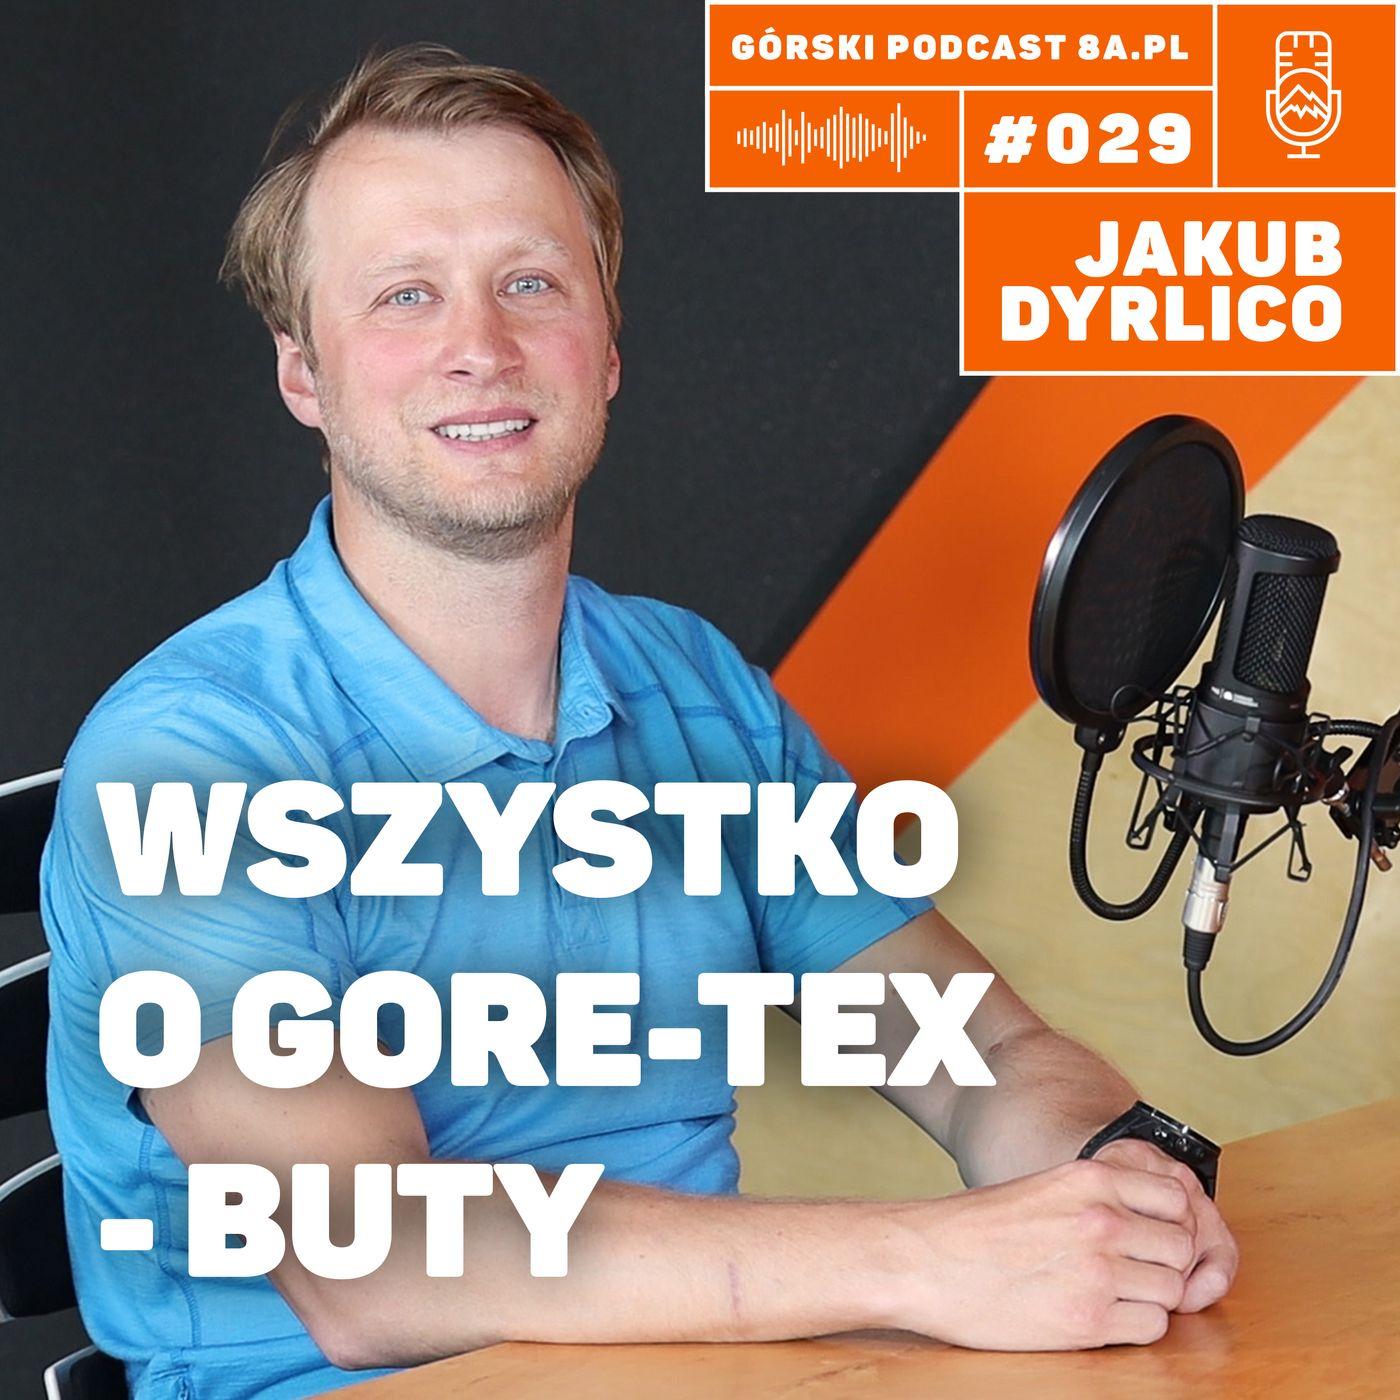 #030 8a.pl - Jakub Dyrlico. Wszystko o GORE-TEX - Buty.